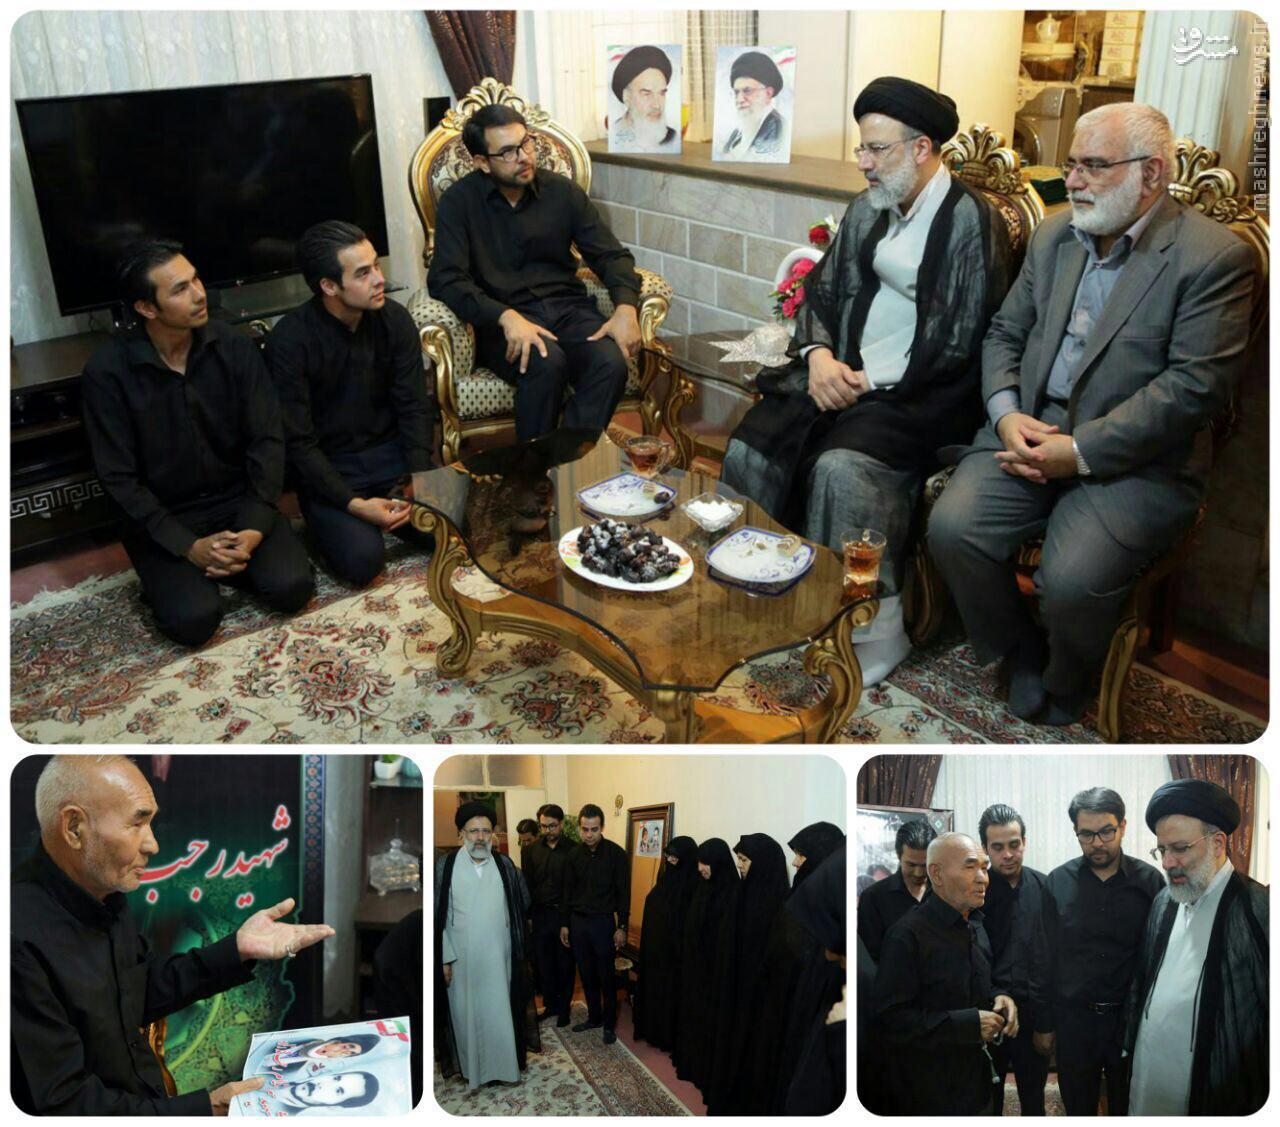 دیدار تولیت آستان قدس رضوی با خانواده شهید حاج رجب محمدزاده